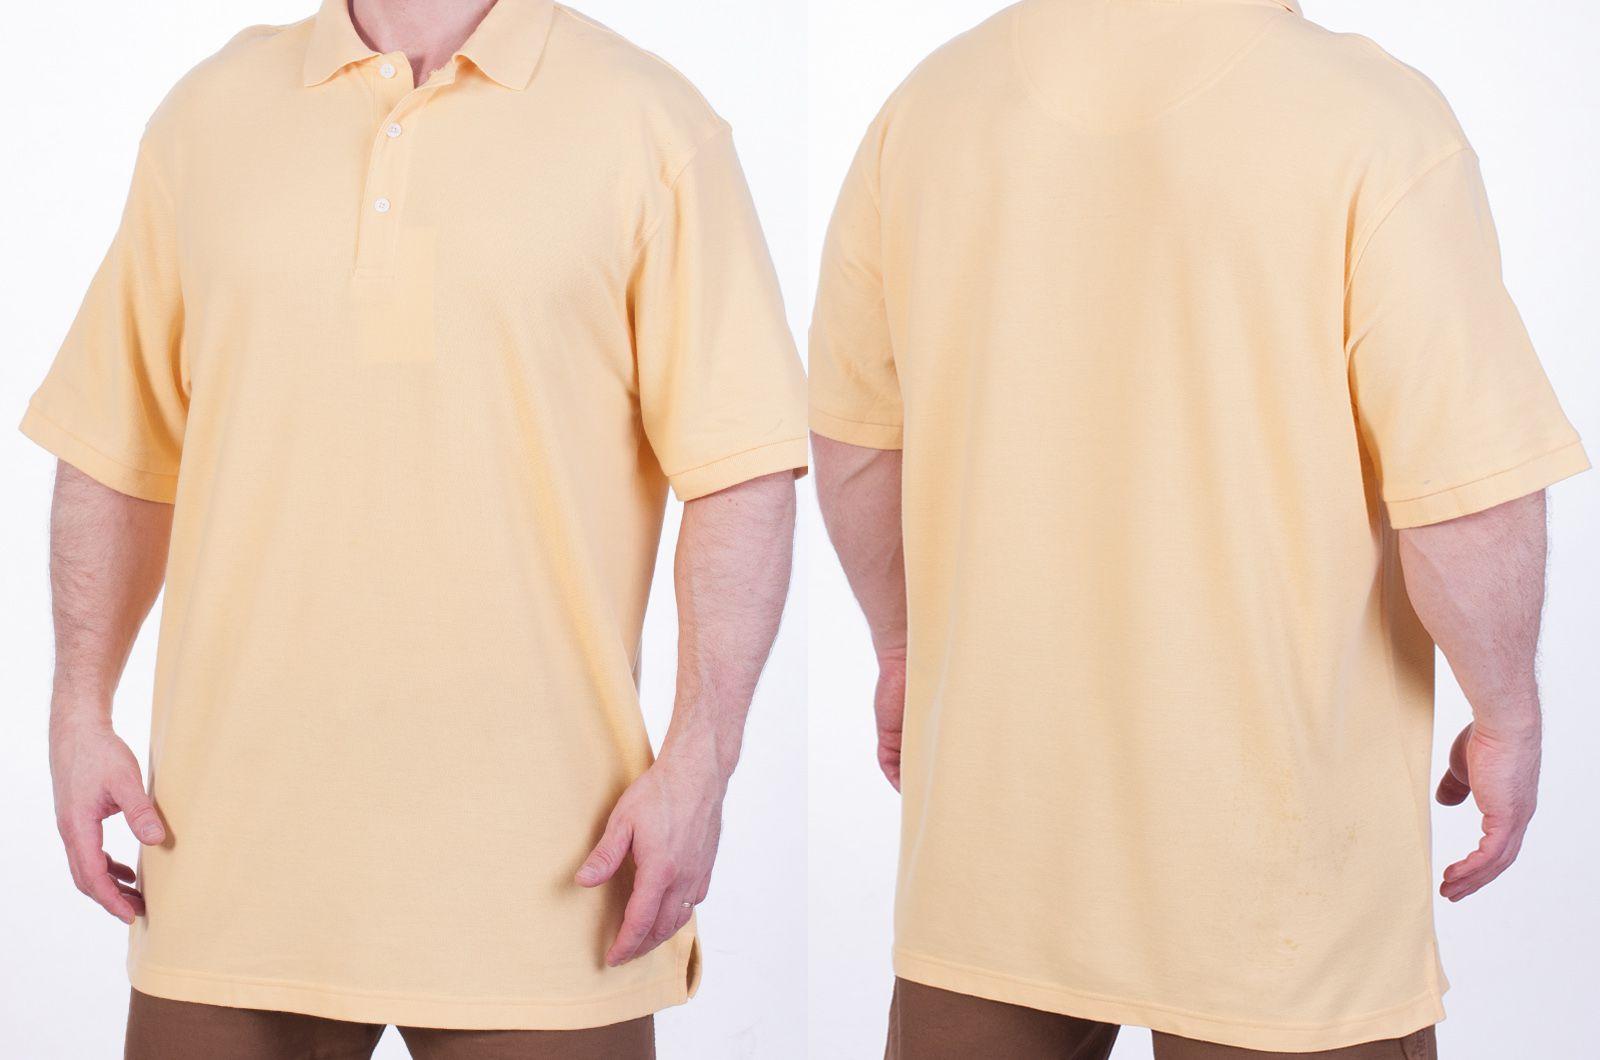 Футболка Поло желтая - высокого качества